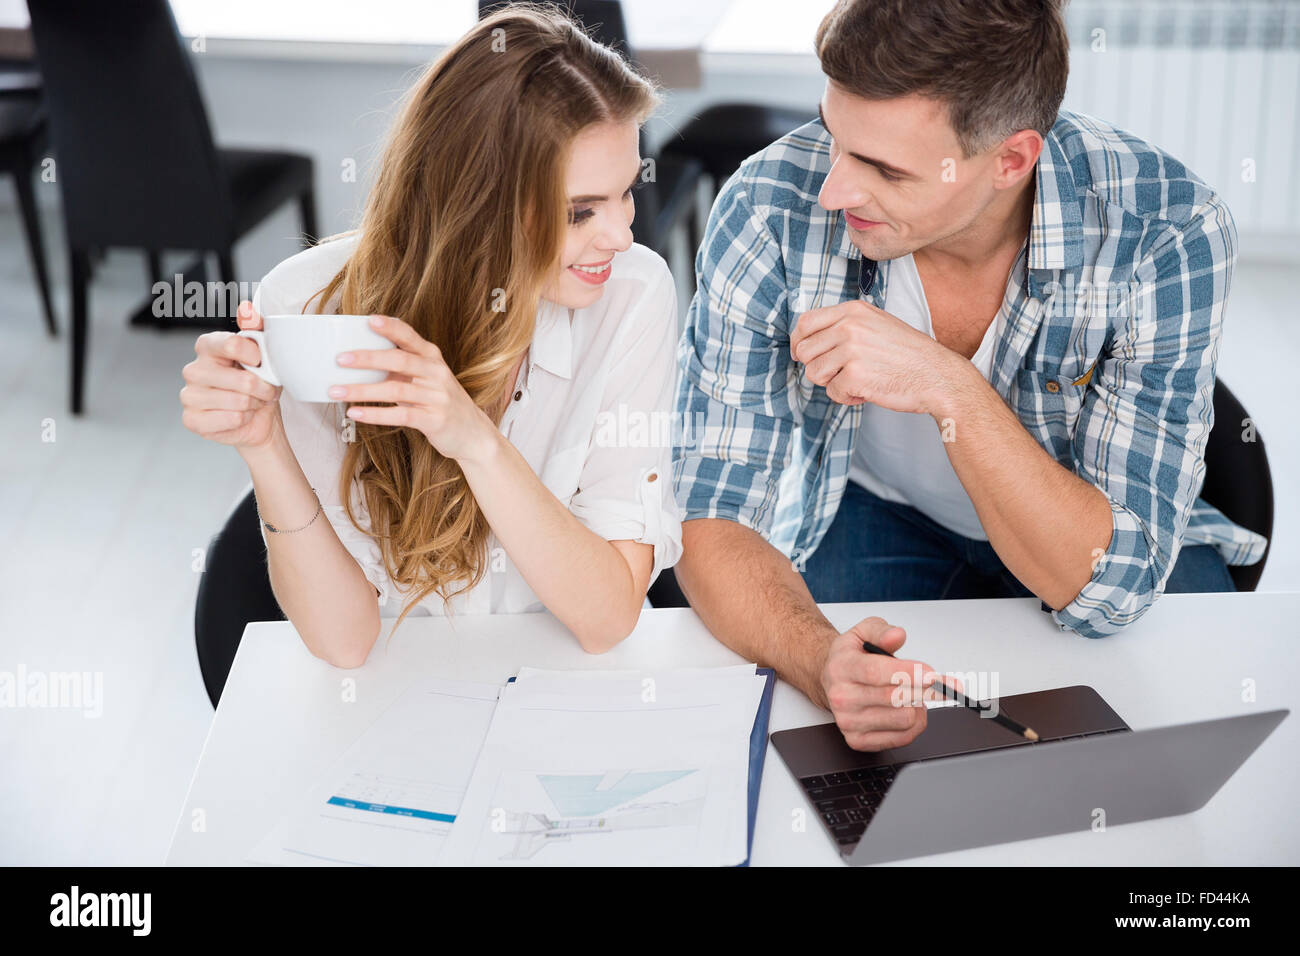 Feliz colegas sentados en la oficina y trabajar juntos con el ordenador portátil Imagen De Stock